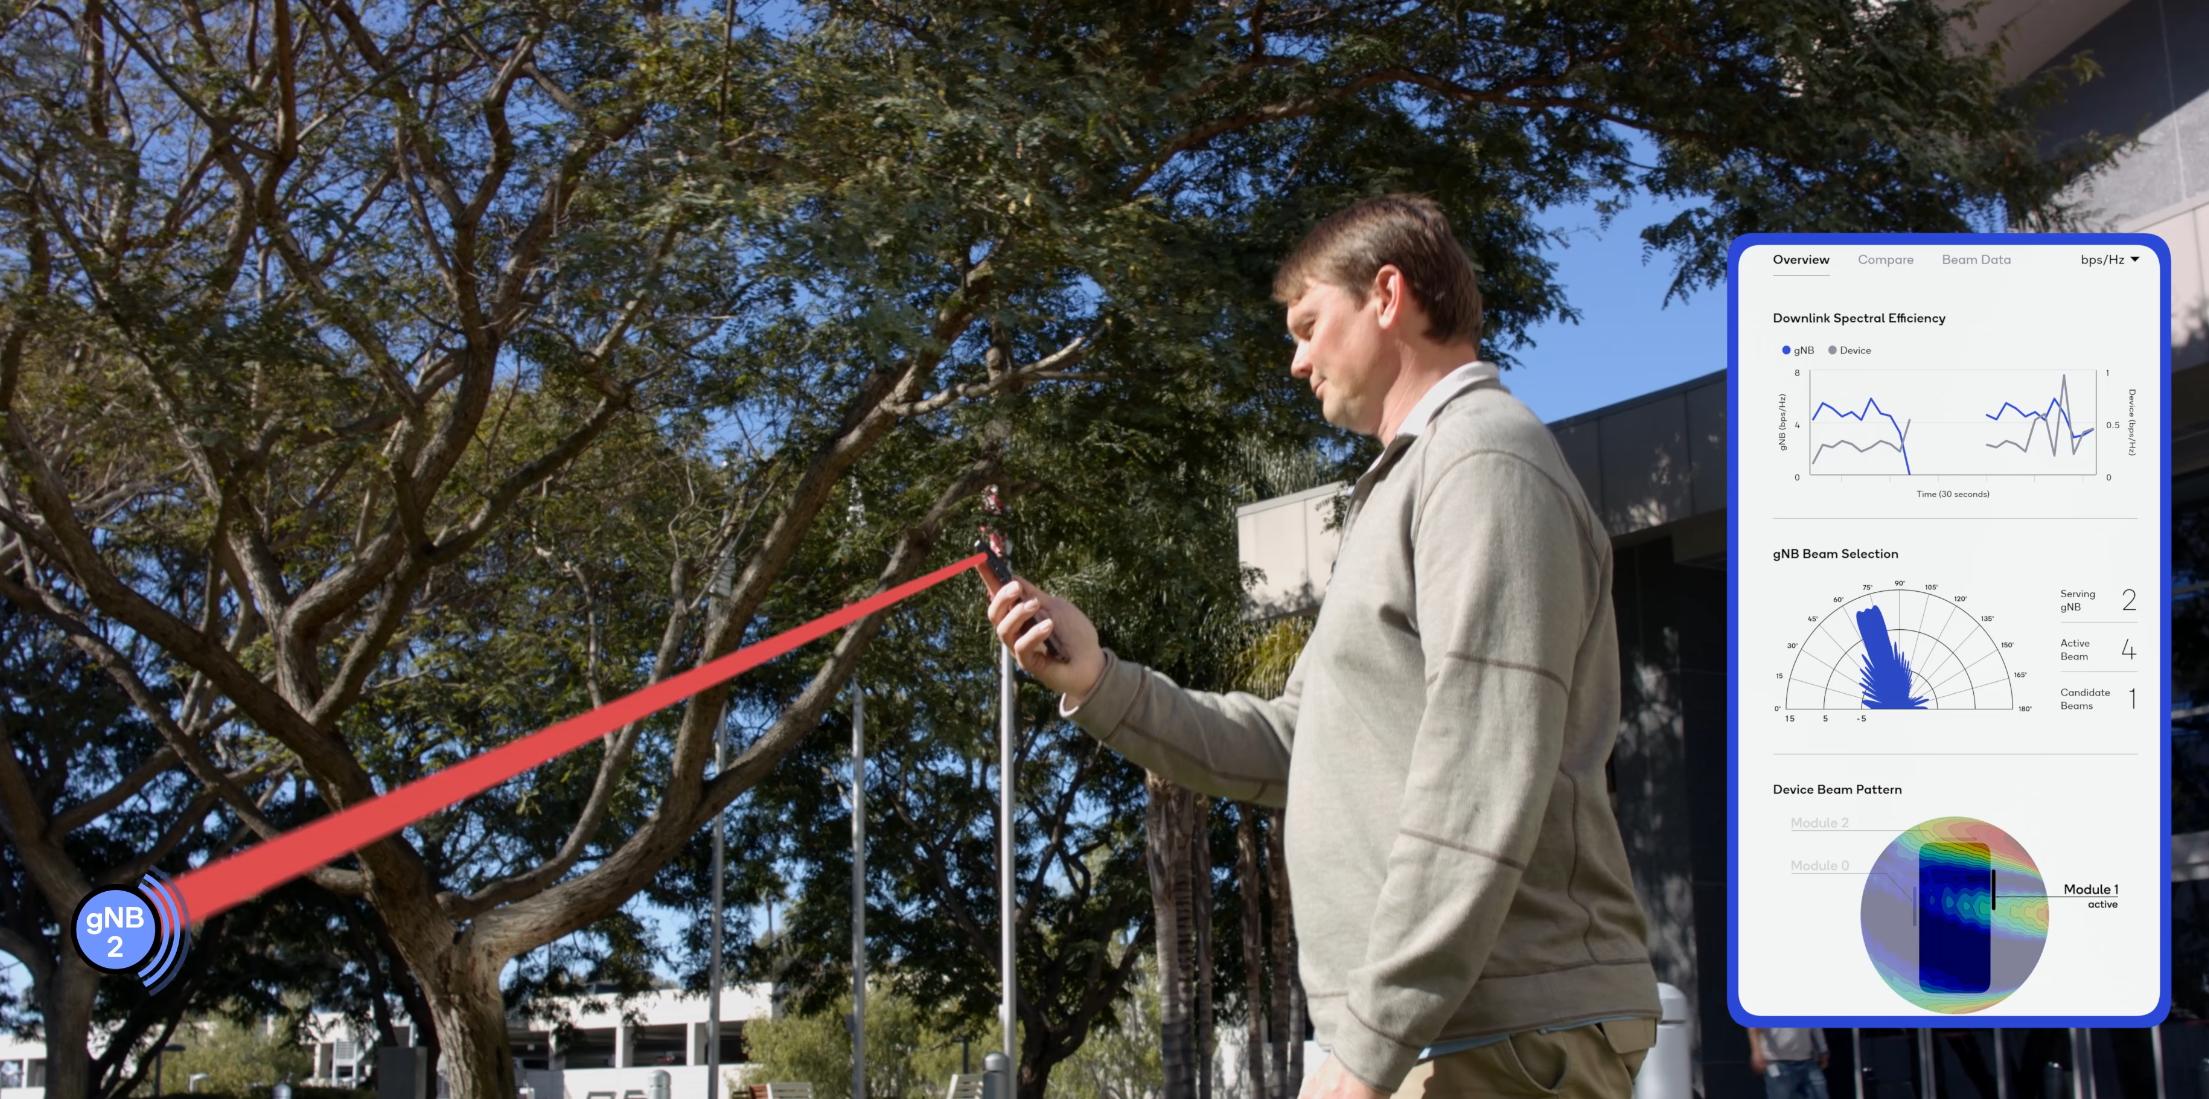 Разбираемся, как 5G будет работать в миллиметровом диапазоне на улице и в помещениях - 8